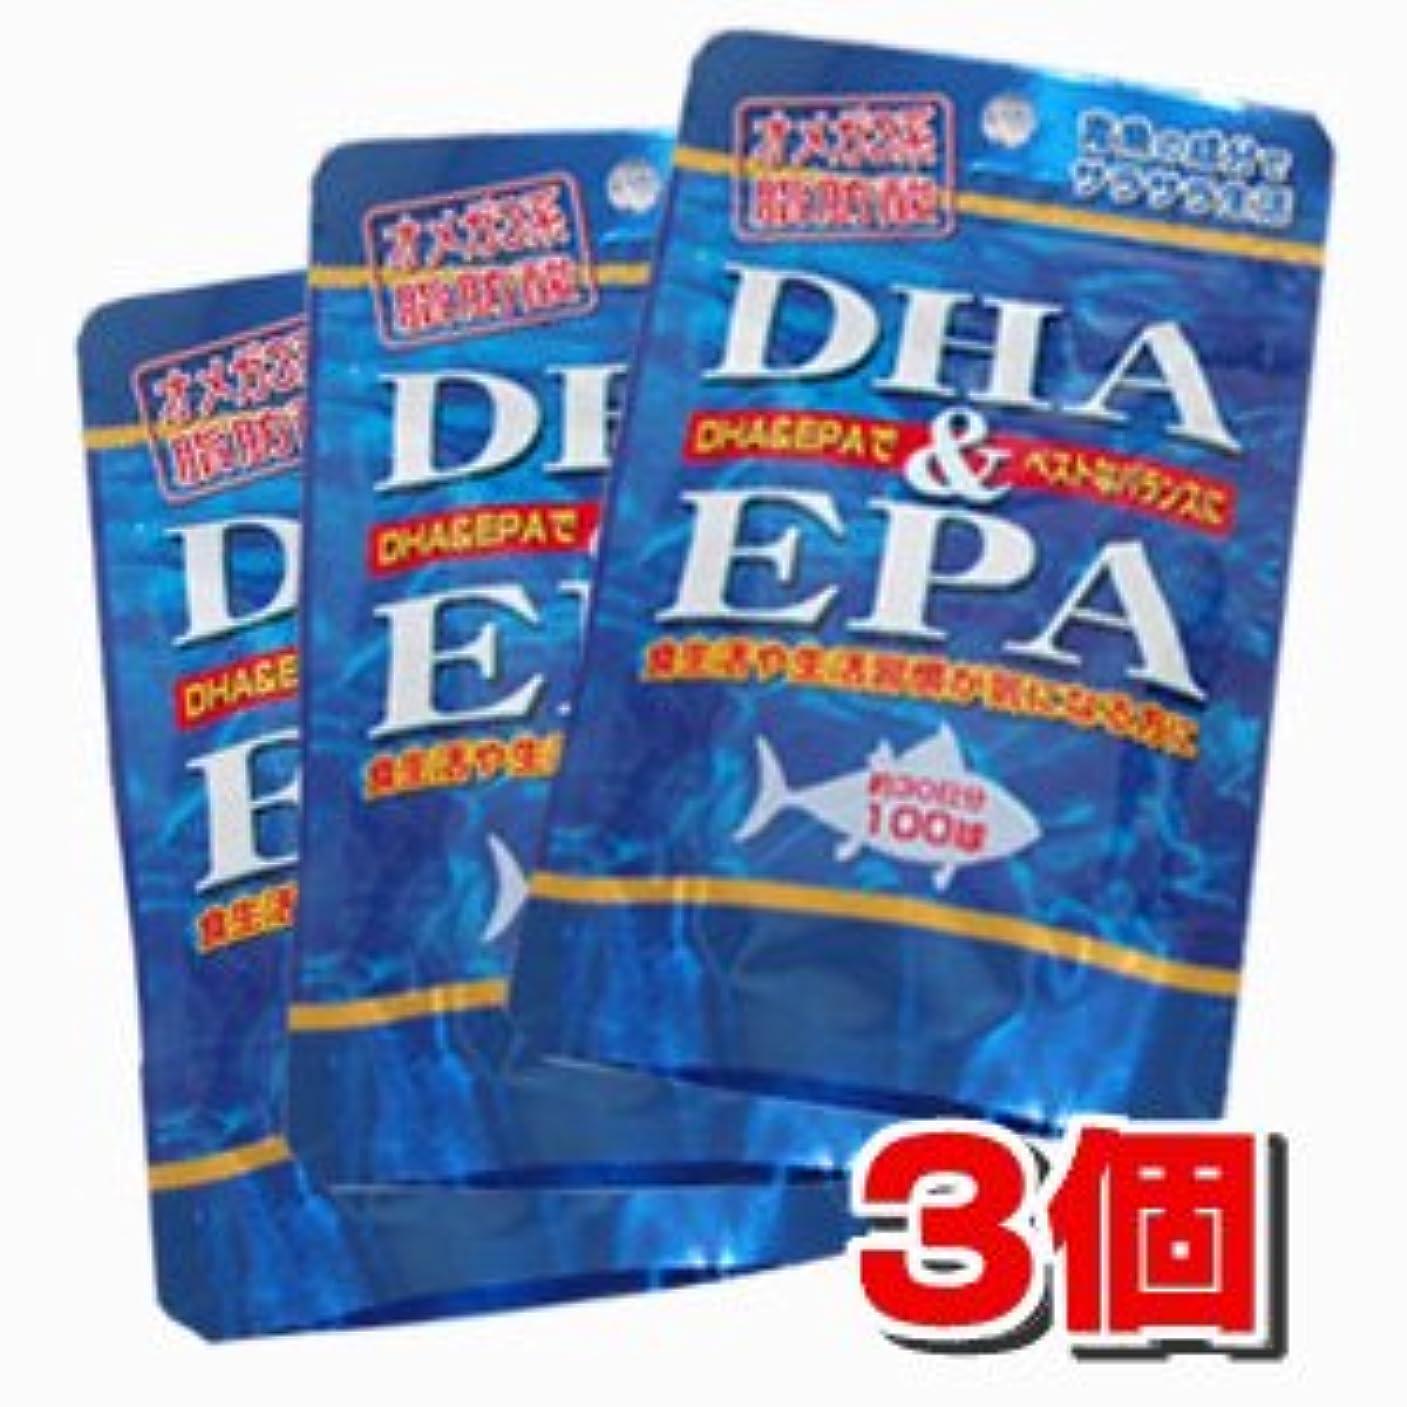 満州ラボ艦隊DHA(ドコサヘキサエン酸)&EPA(エイコサペンタエン酸)